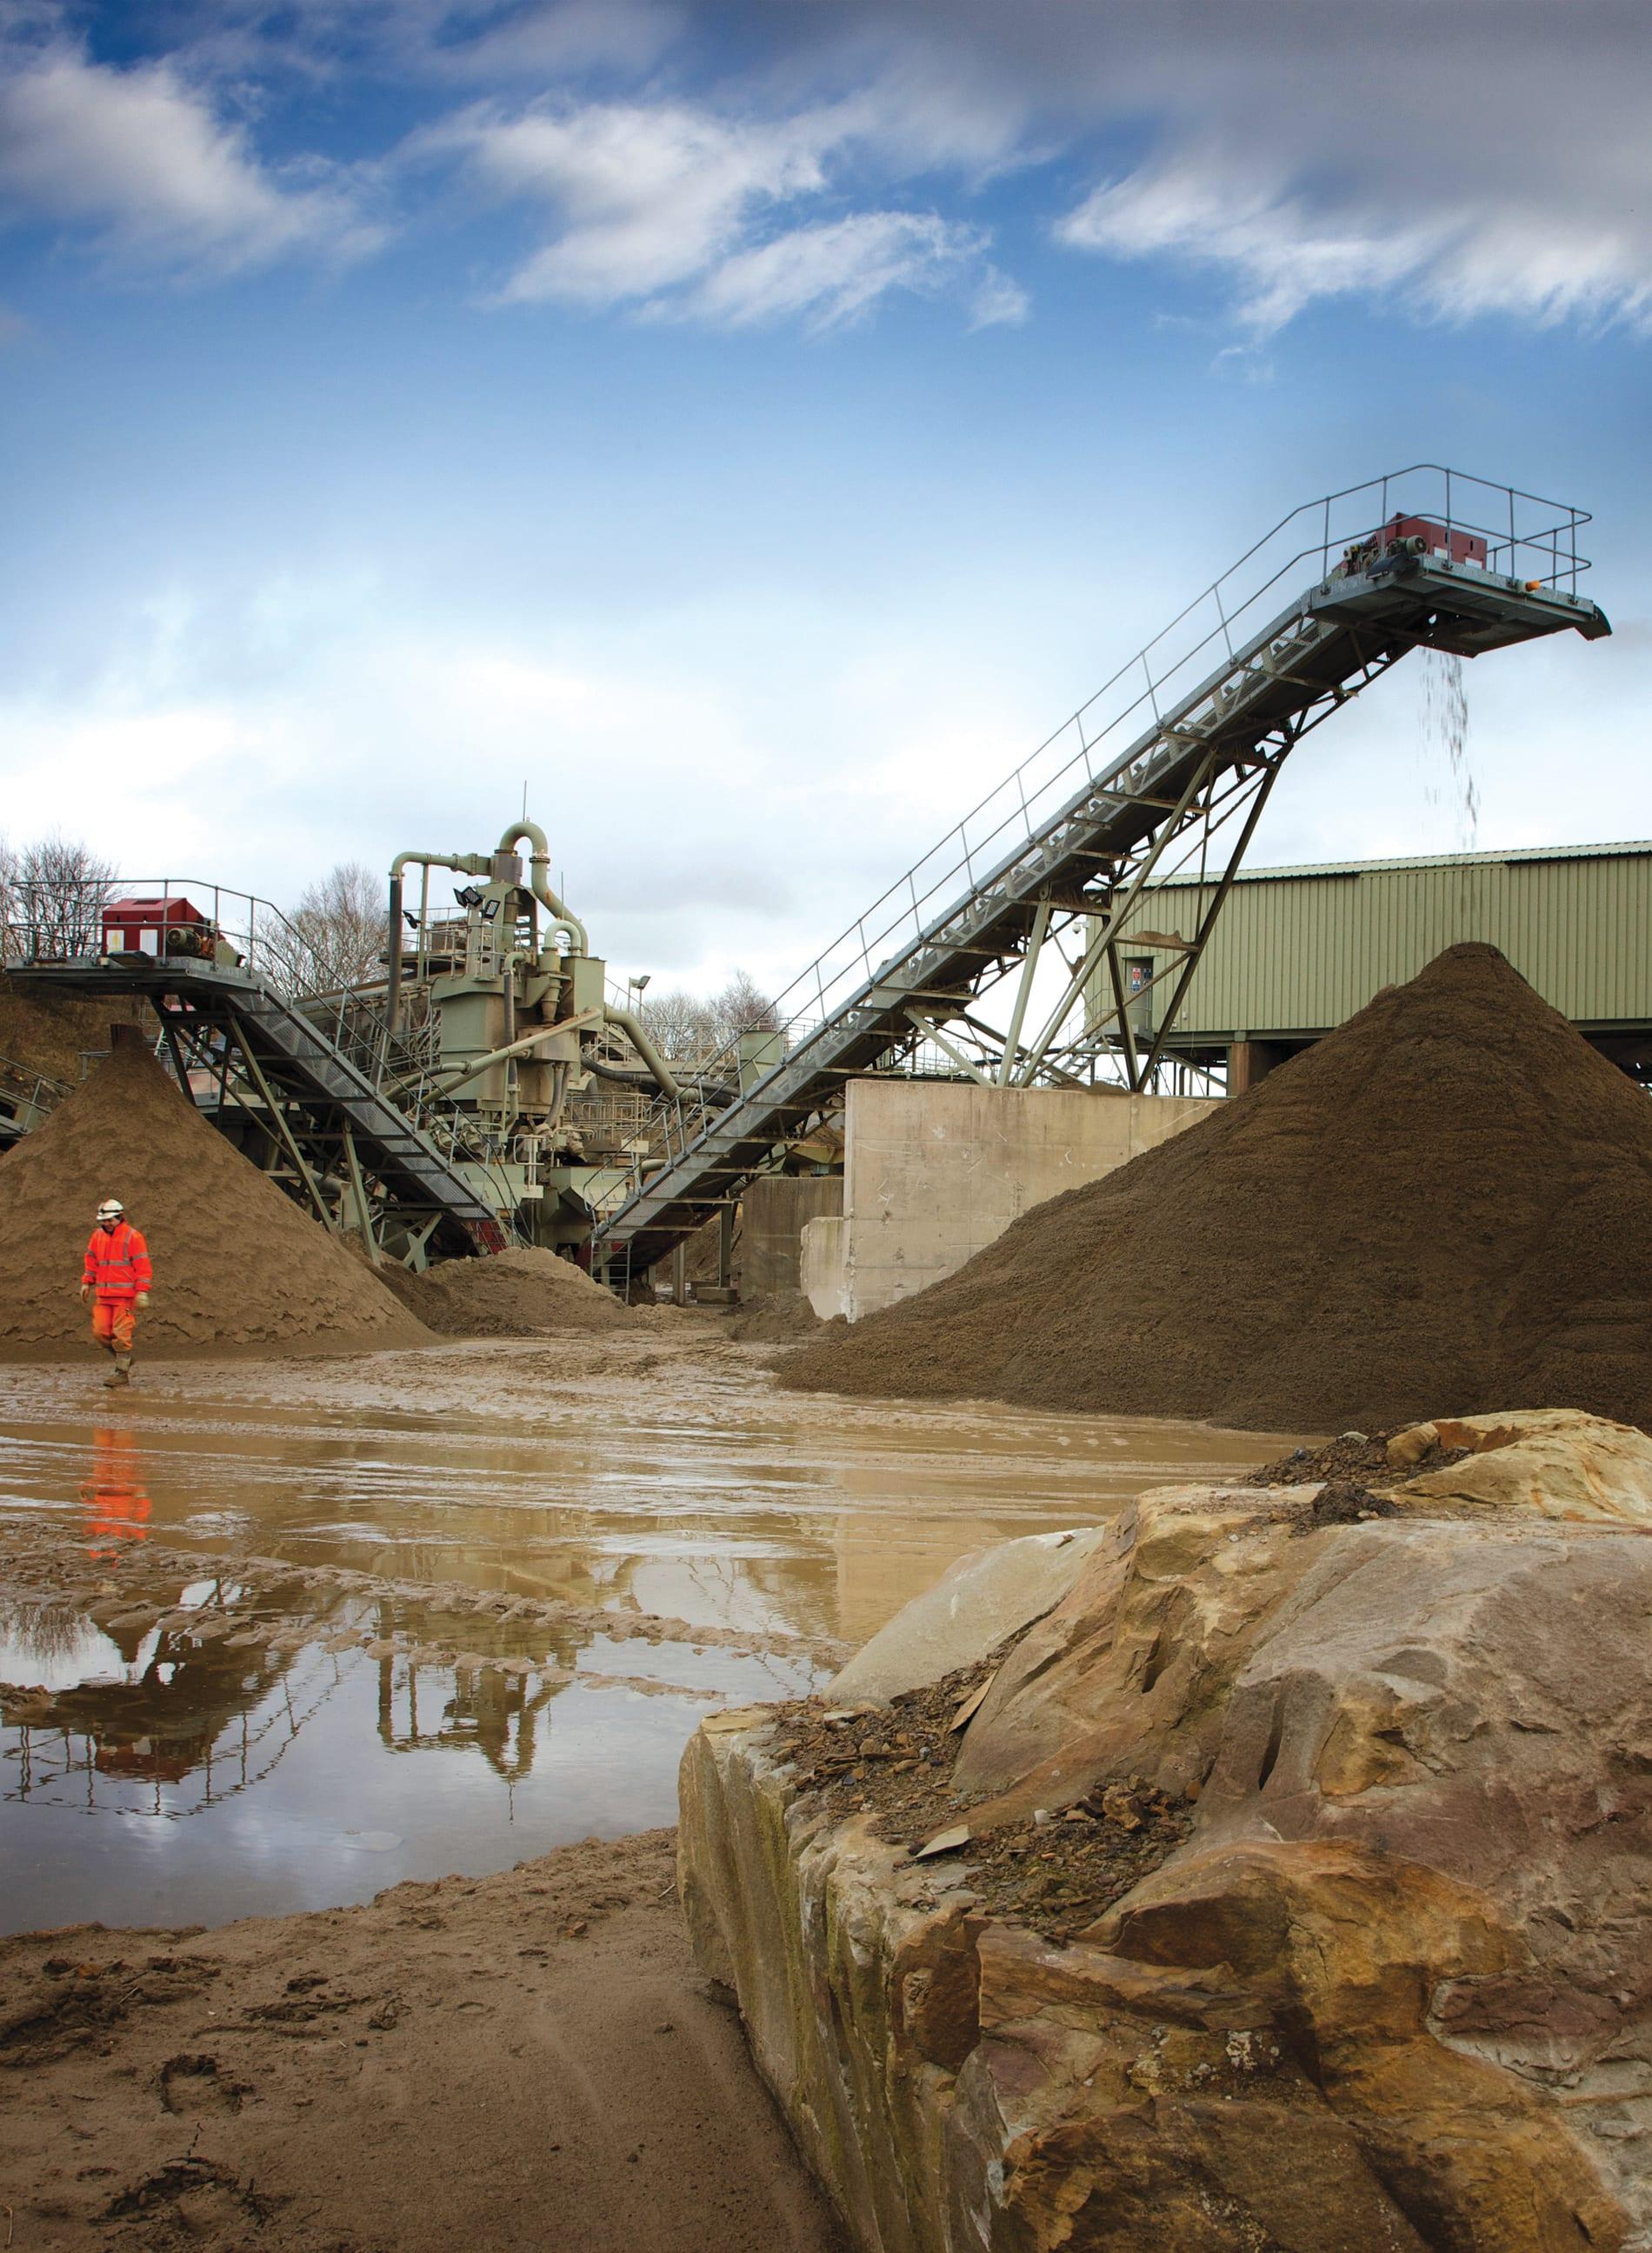 quarry image